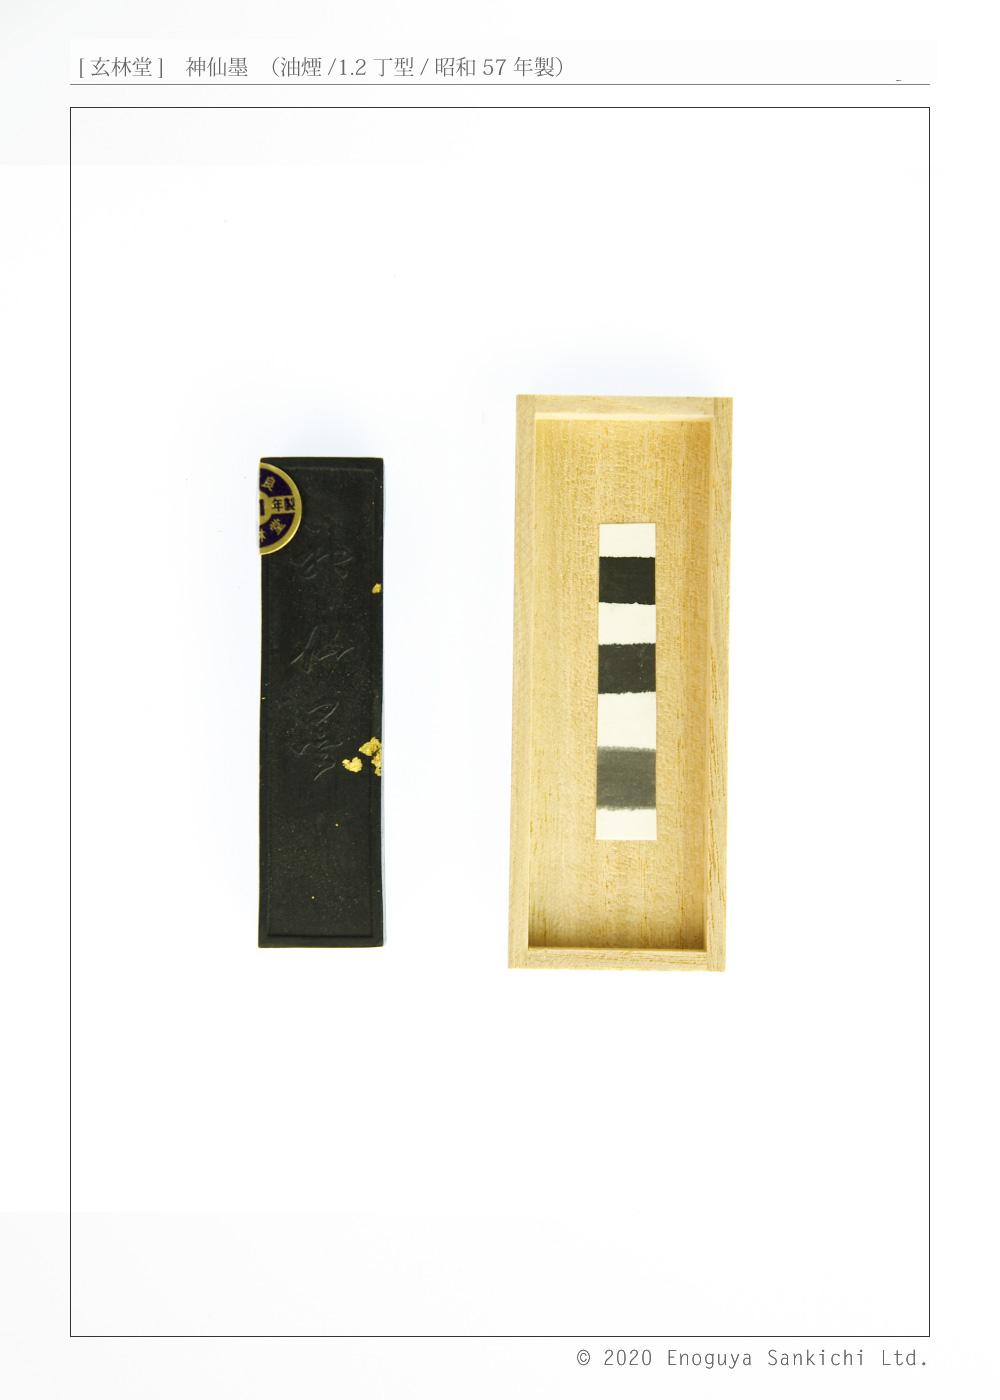 [玄林堂] 神仙墨 (油煙/1.2丁型/昭和57年製)